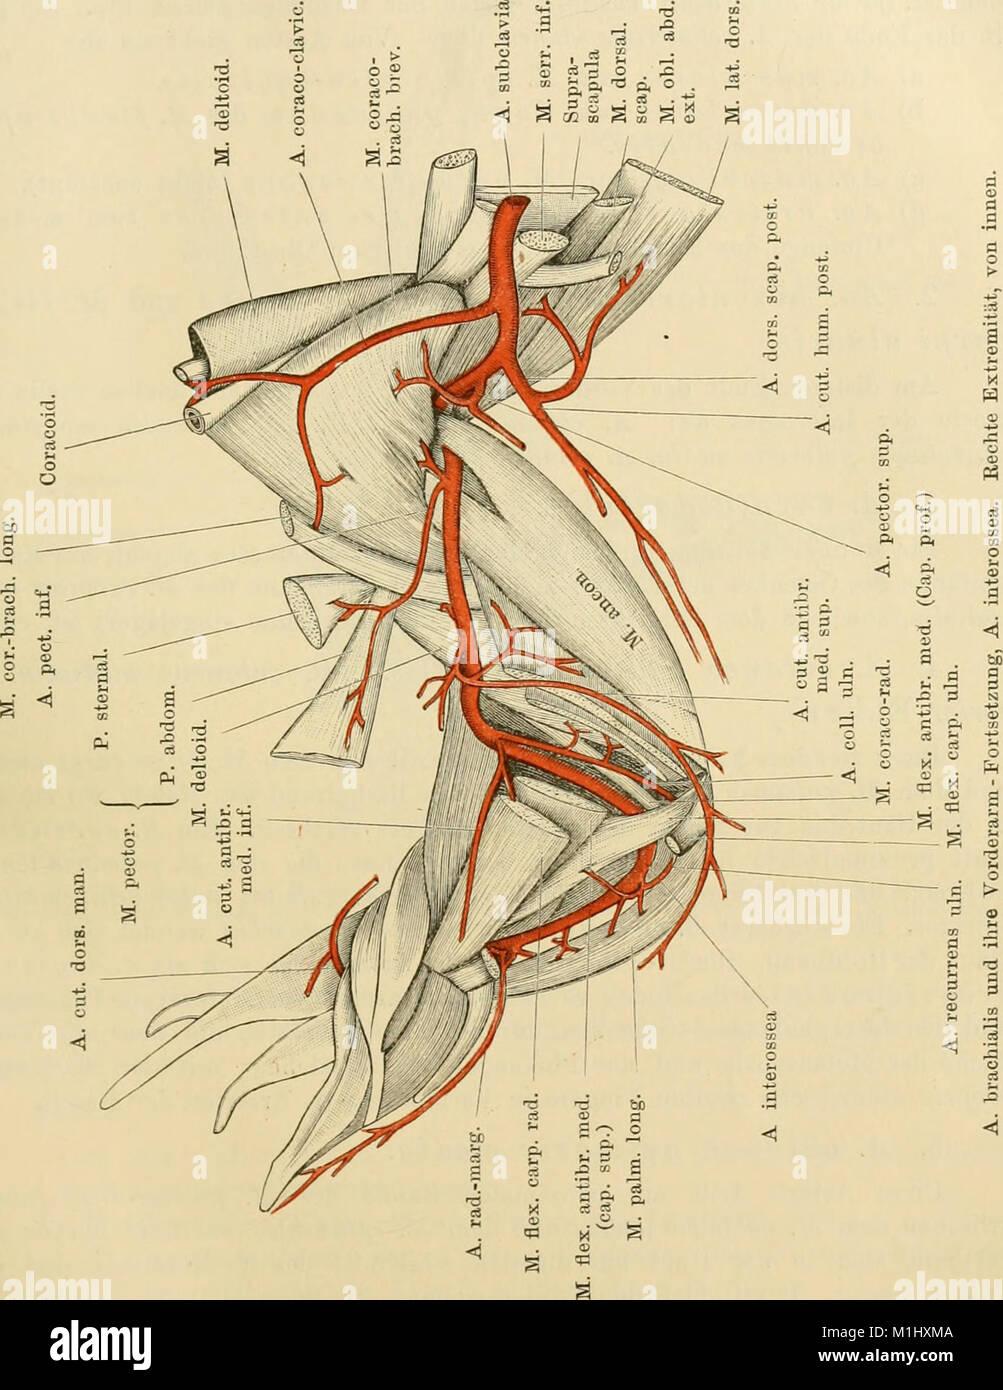 Charmant Anatomie Einer Modellzelle Fotos - Anatomie Von ...